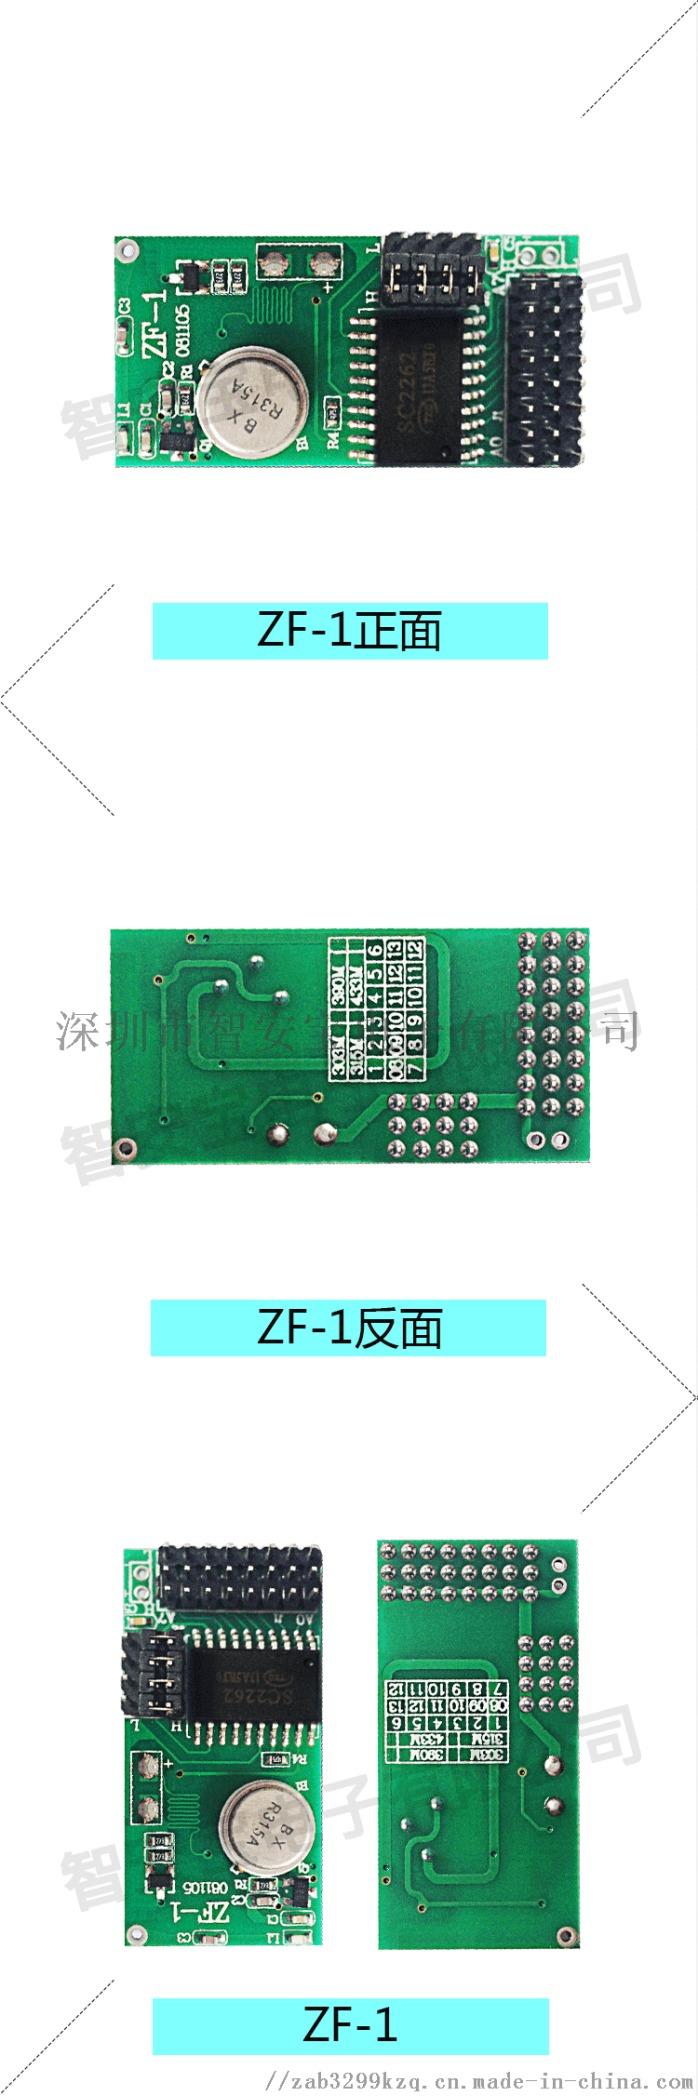 ZF-1 產品展示.png